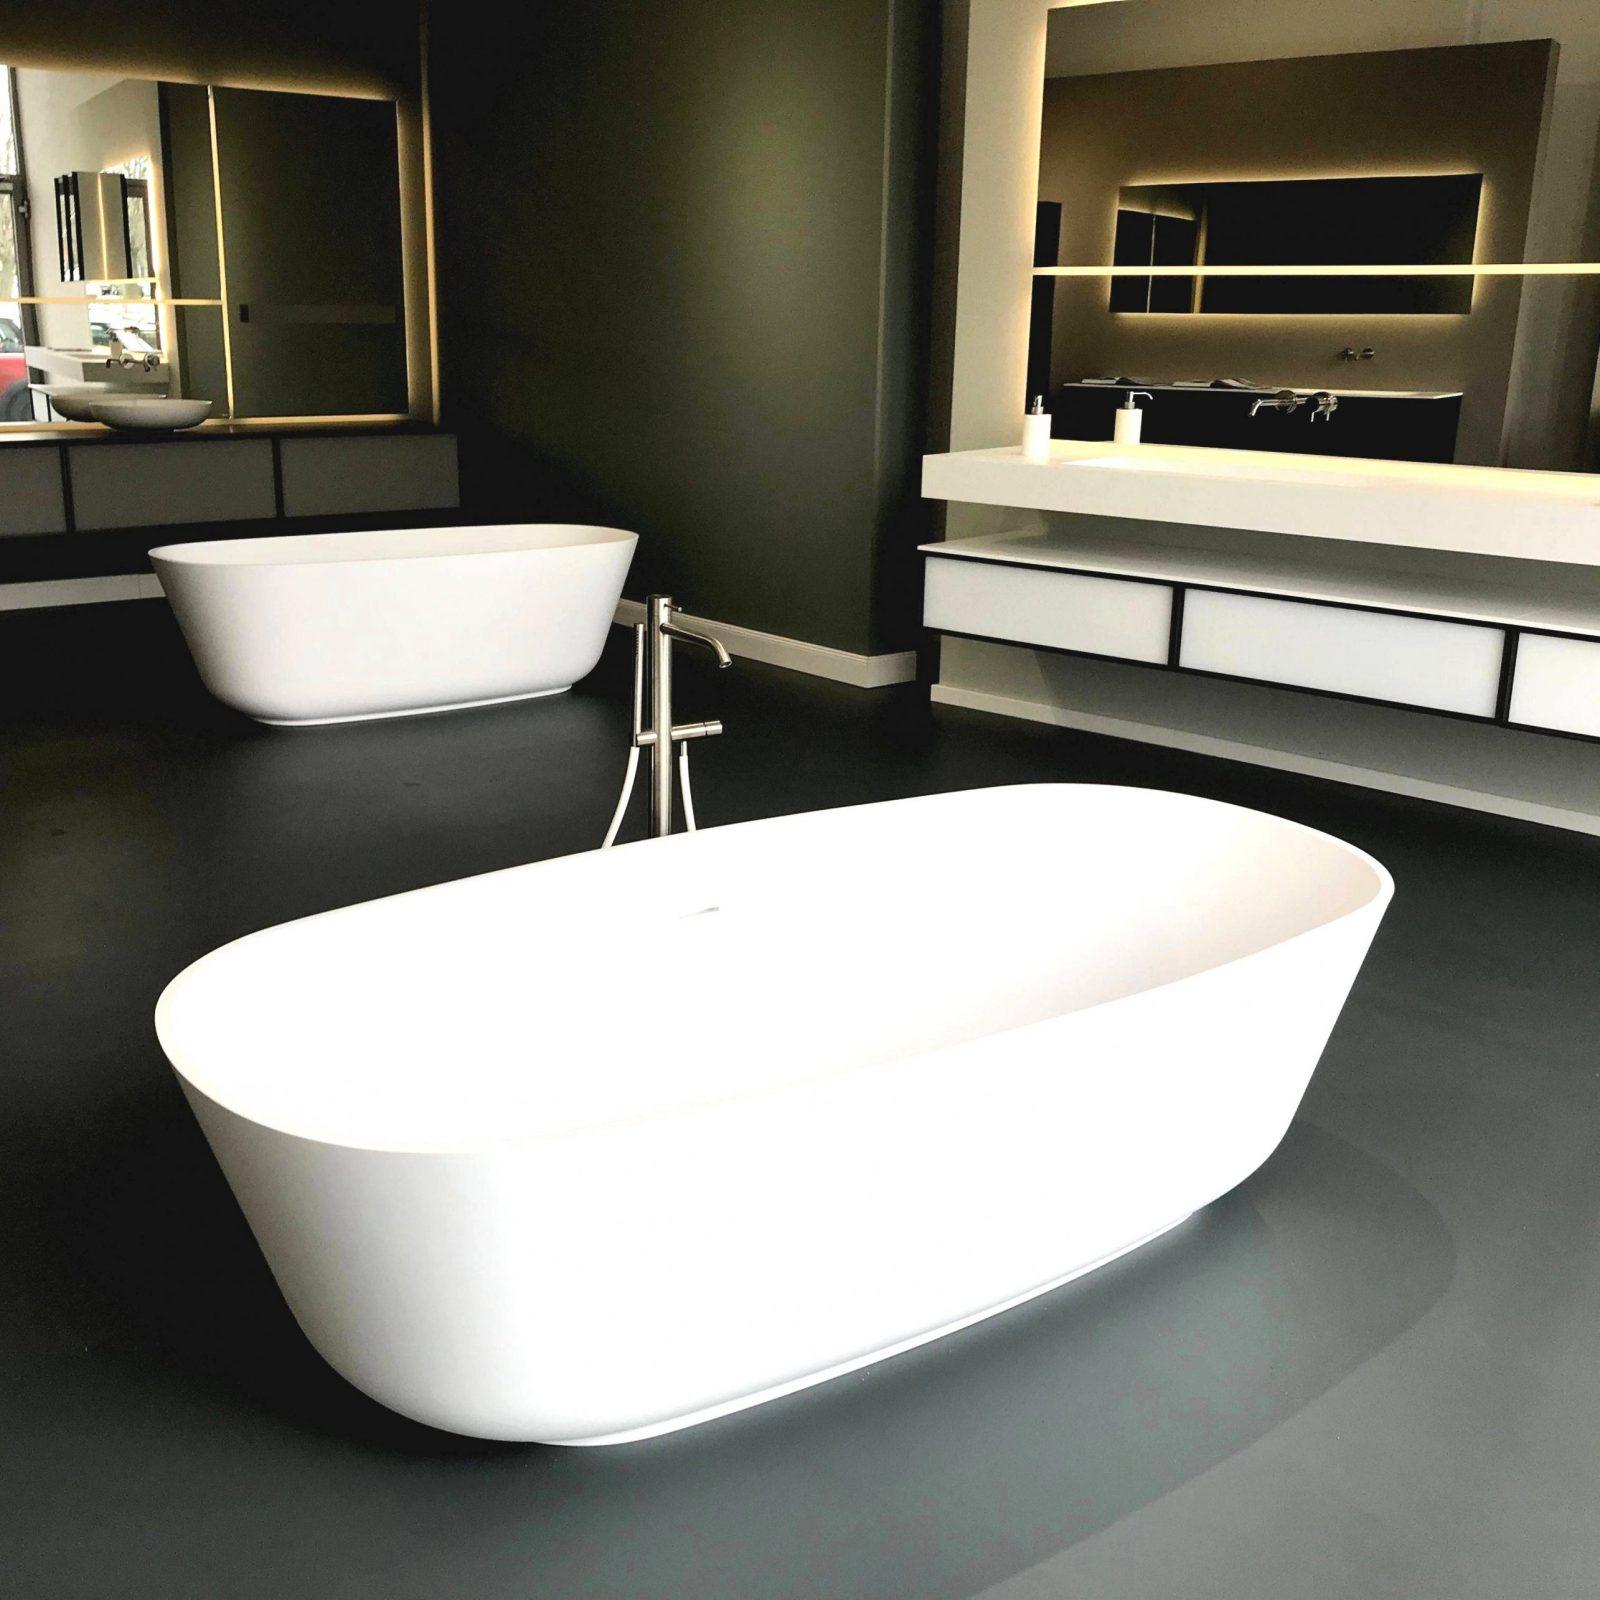 Tolle 32 Badewanne Freistehend Günstig Ideen Unilaggist Konzept von Badewanne Freistehend Günstig Photo